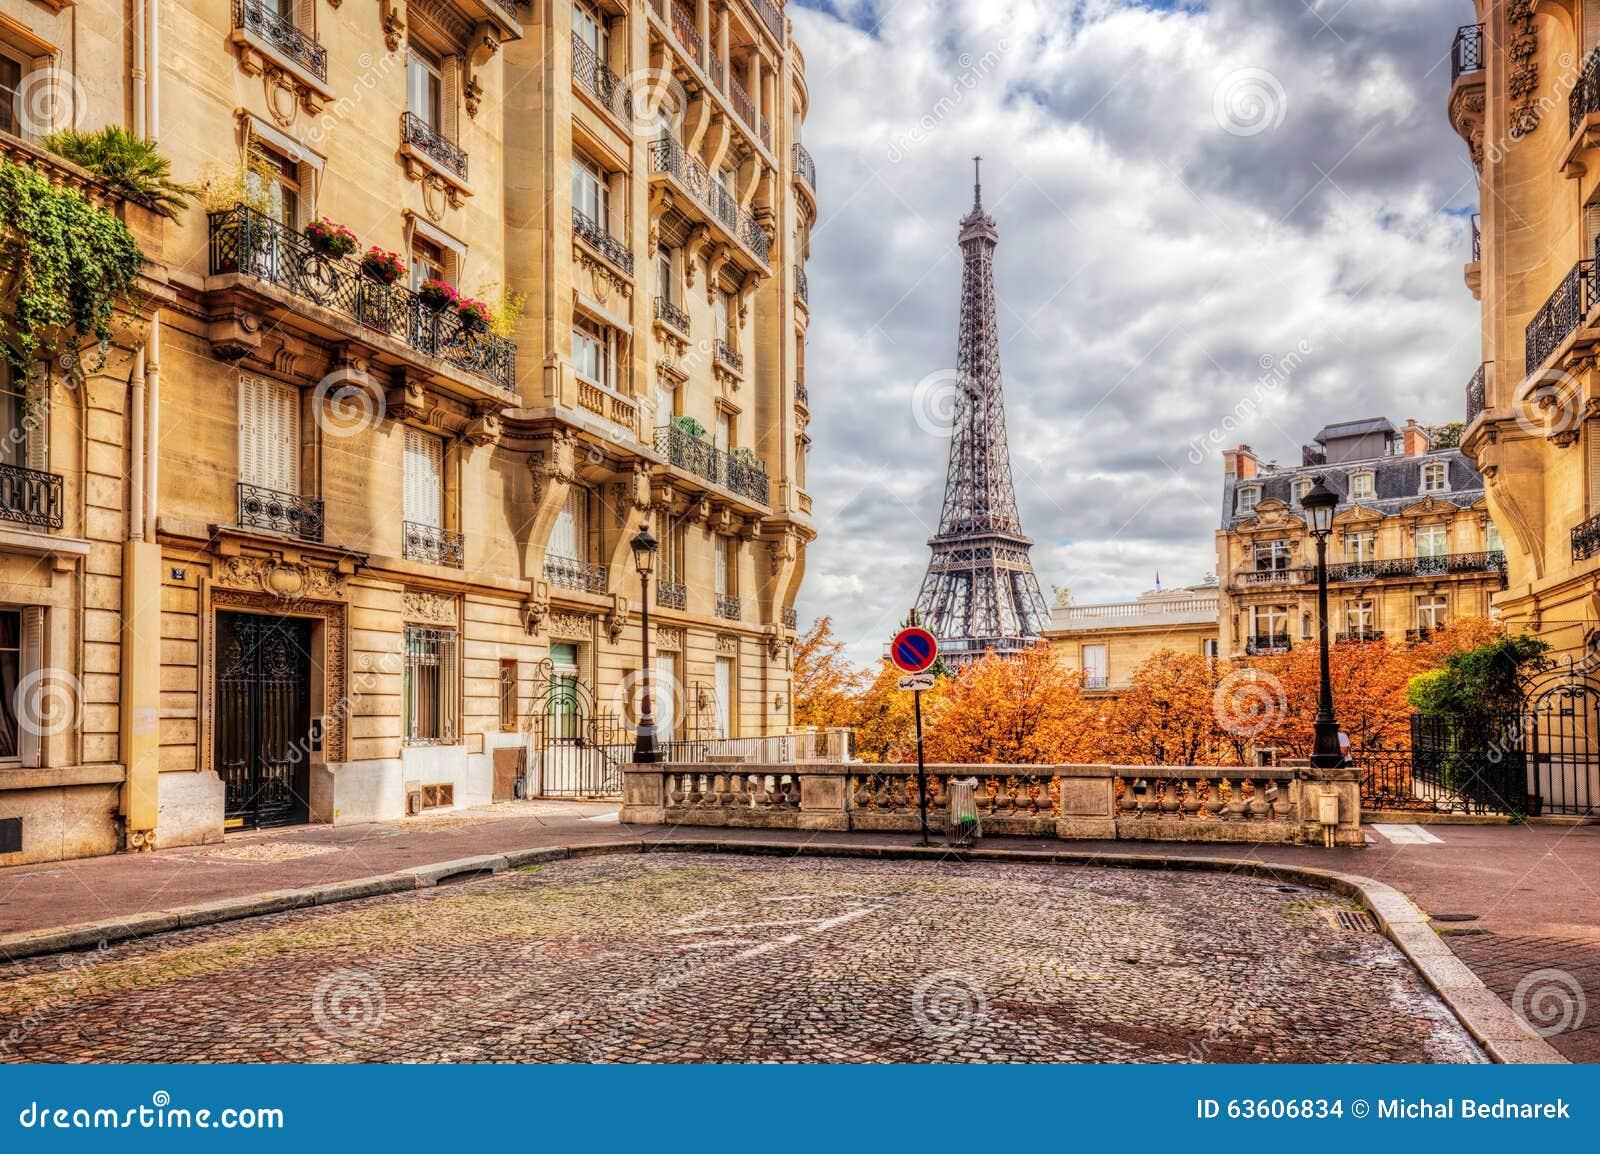 Wieża Eifla widzieć od ulicy w Paryż, Francja Brukowa bruk